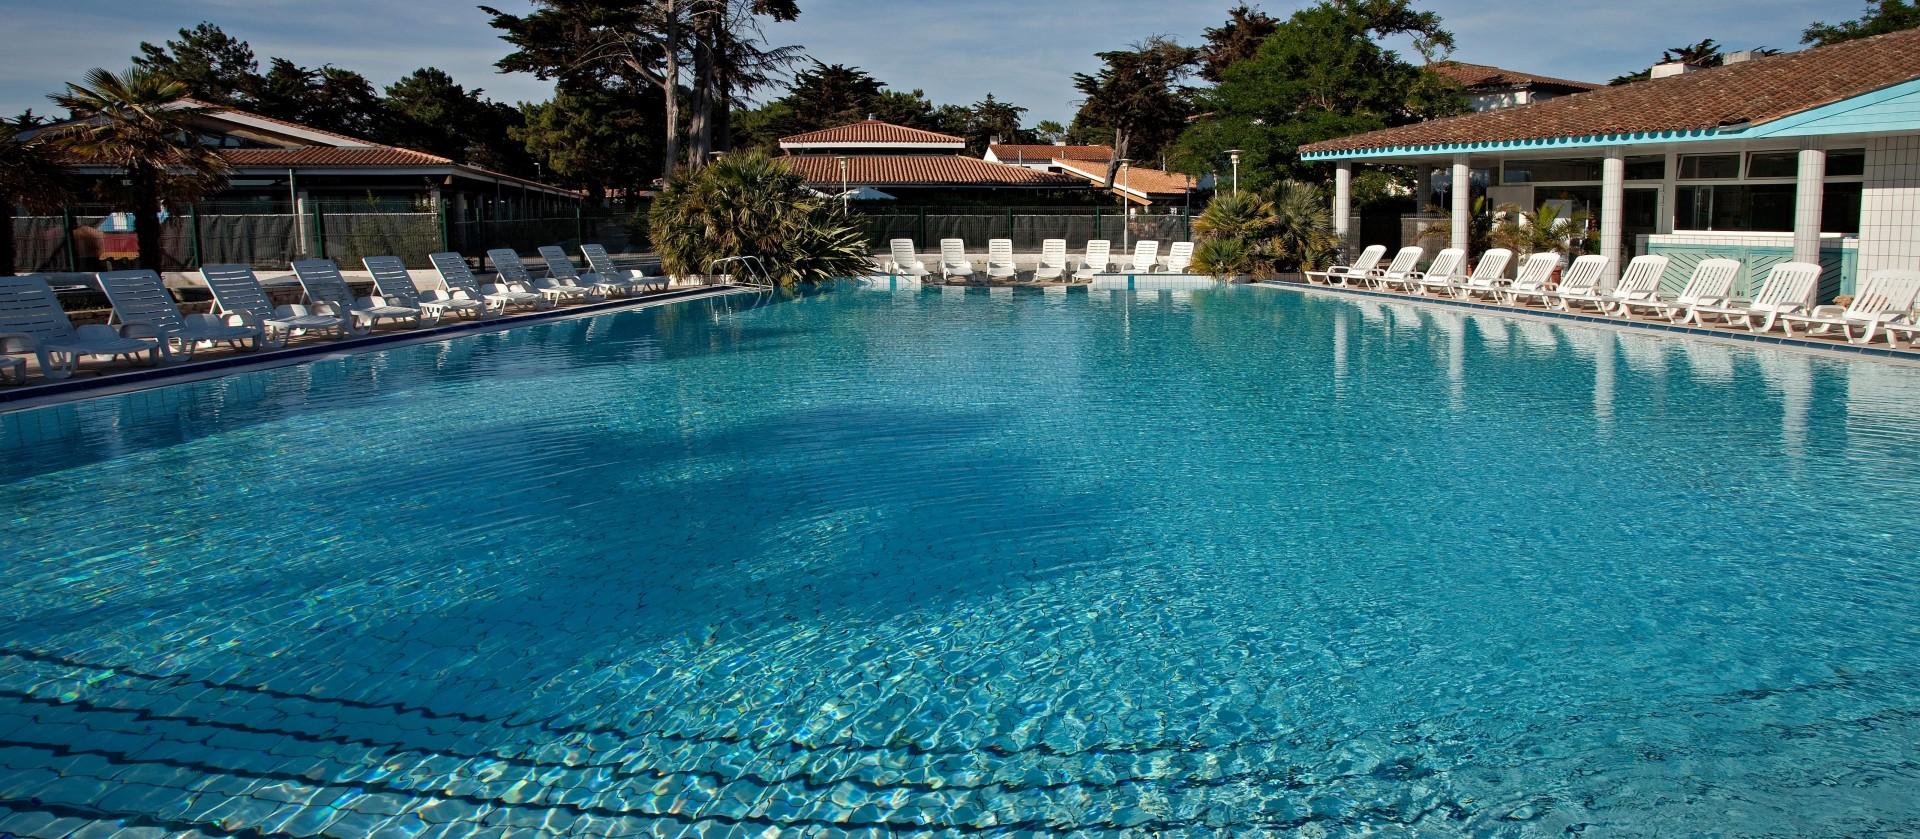 Camping les grenettes ile de r plein air vacances - Camping ile de re piscine ...